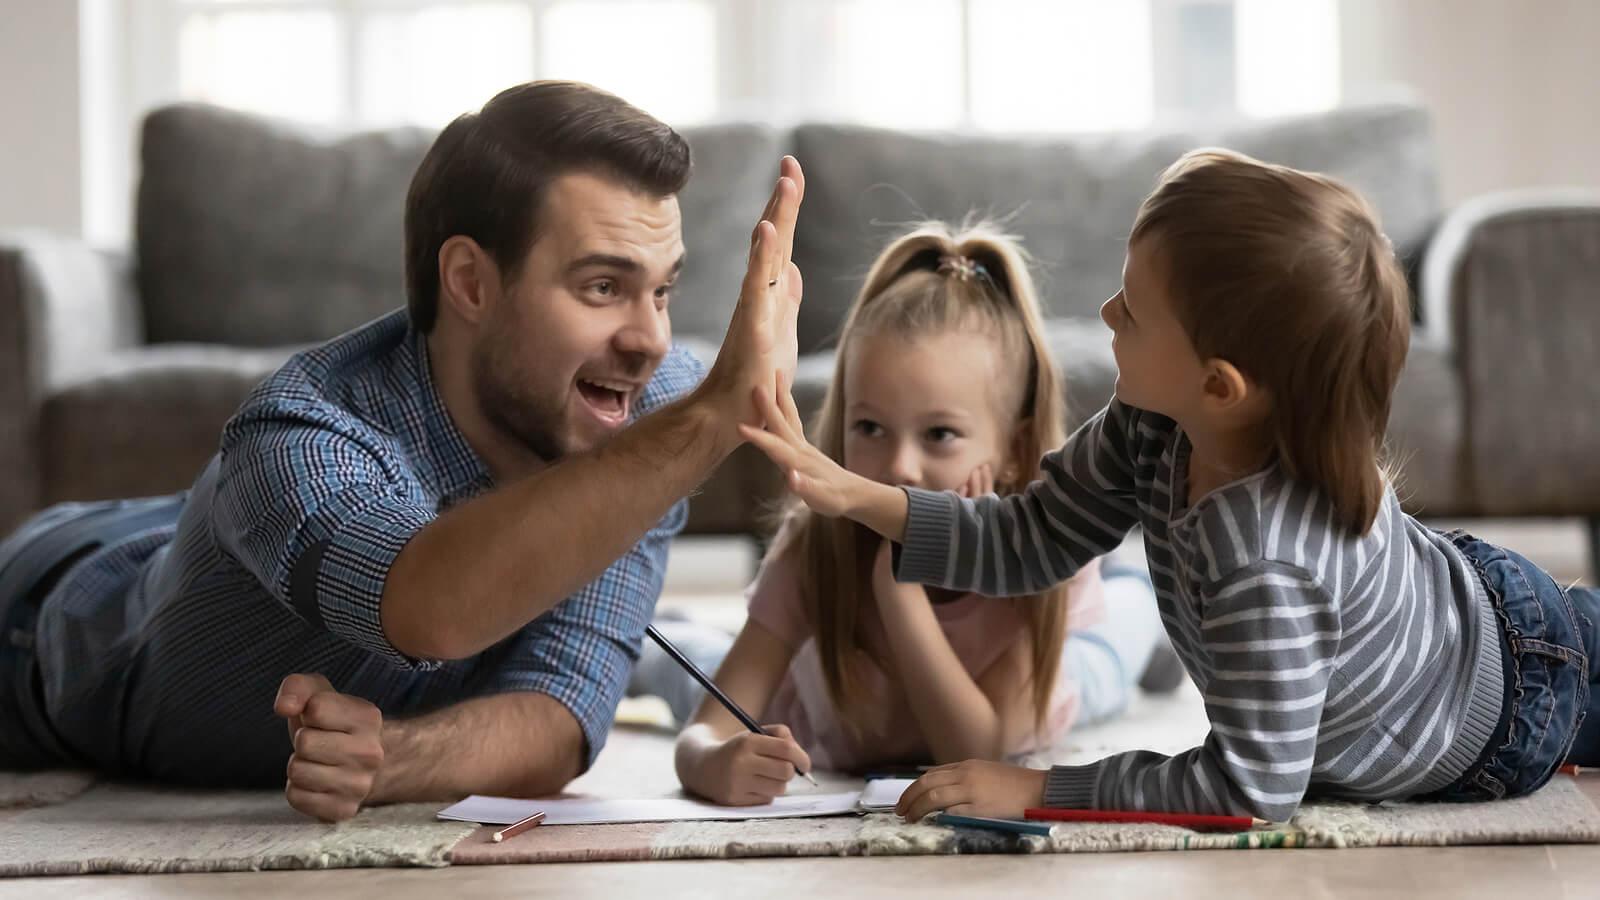 Padre chocando la mano con su hijo tras darle opciones a la hora de jugar.